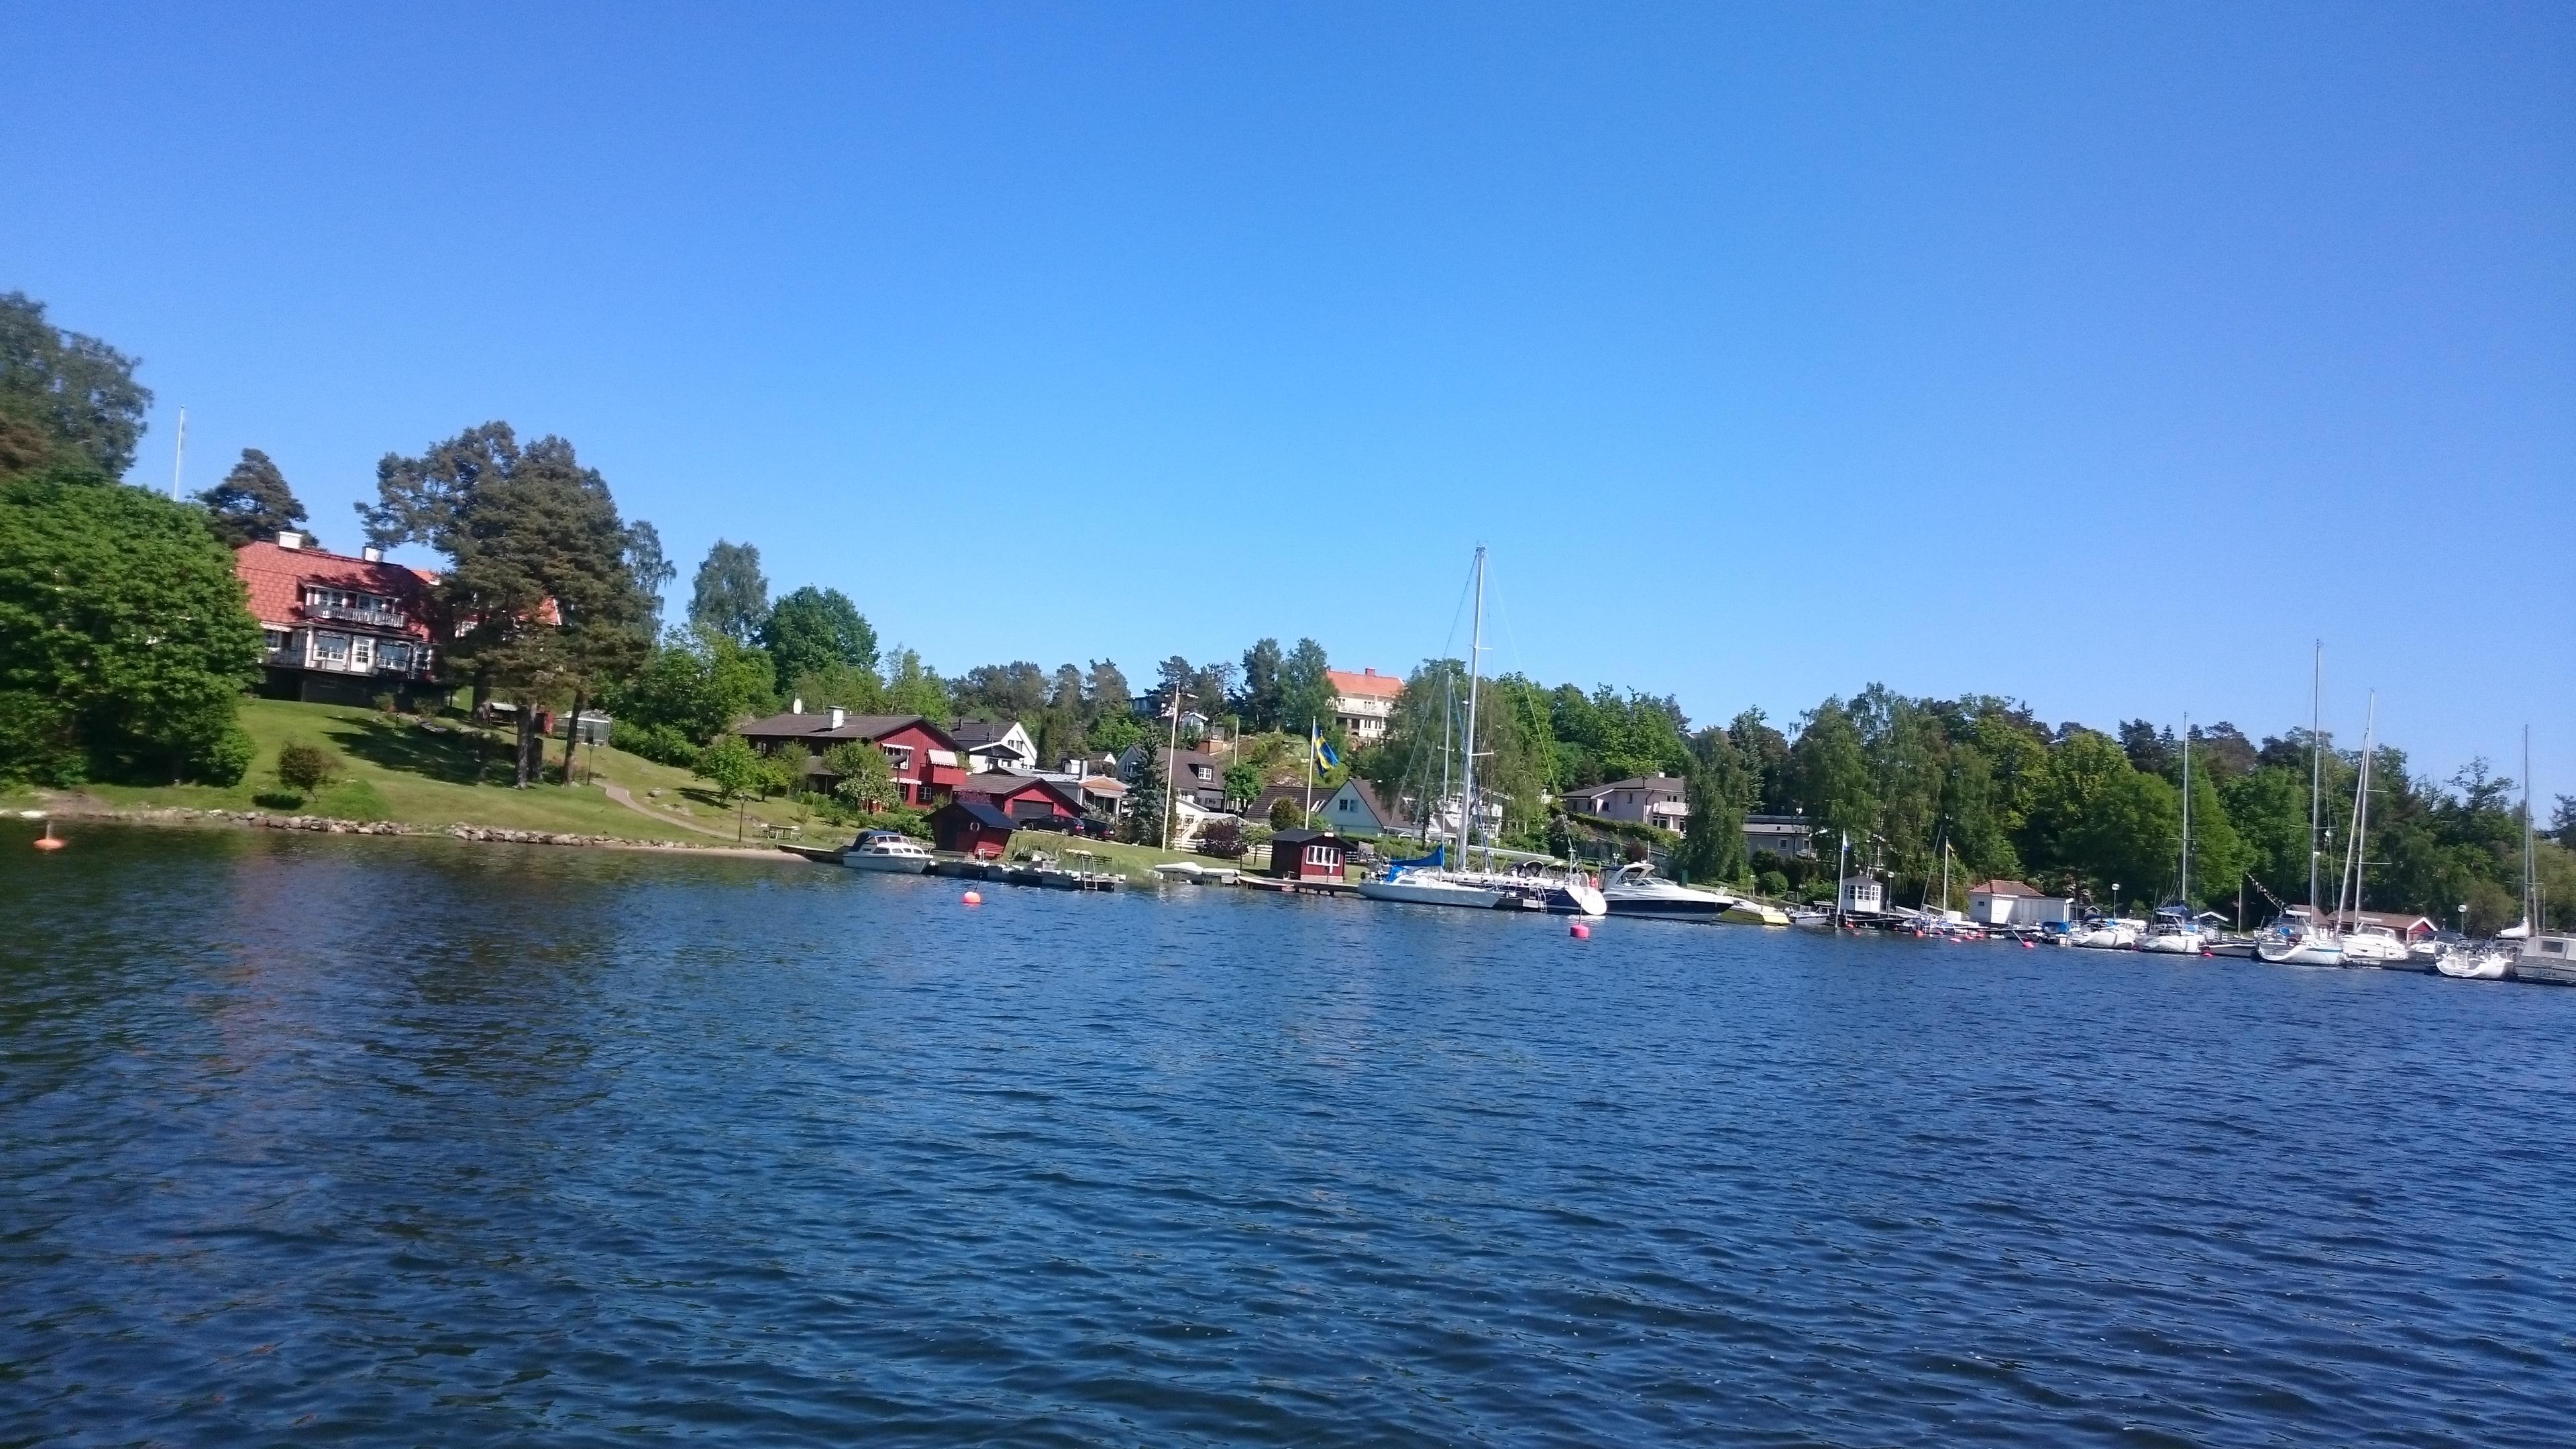 En bild på en sjö med båtar